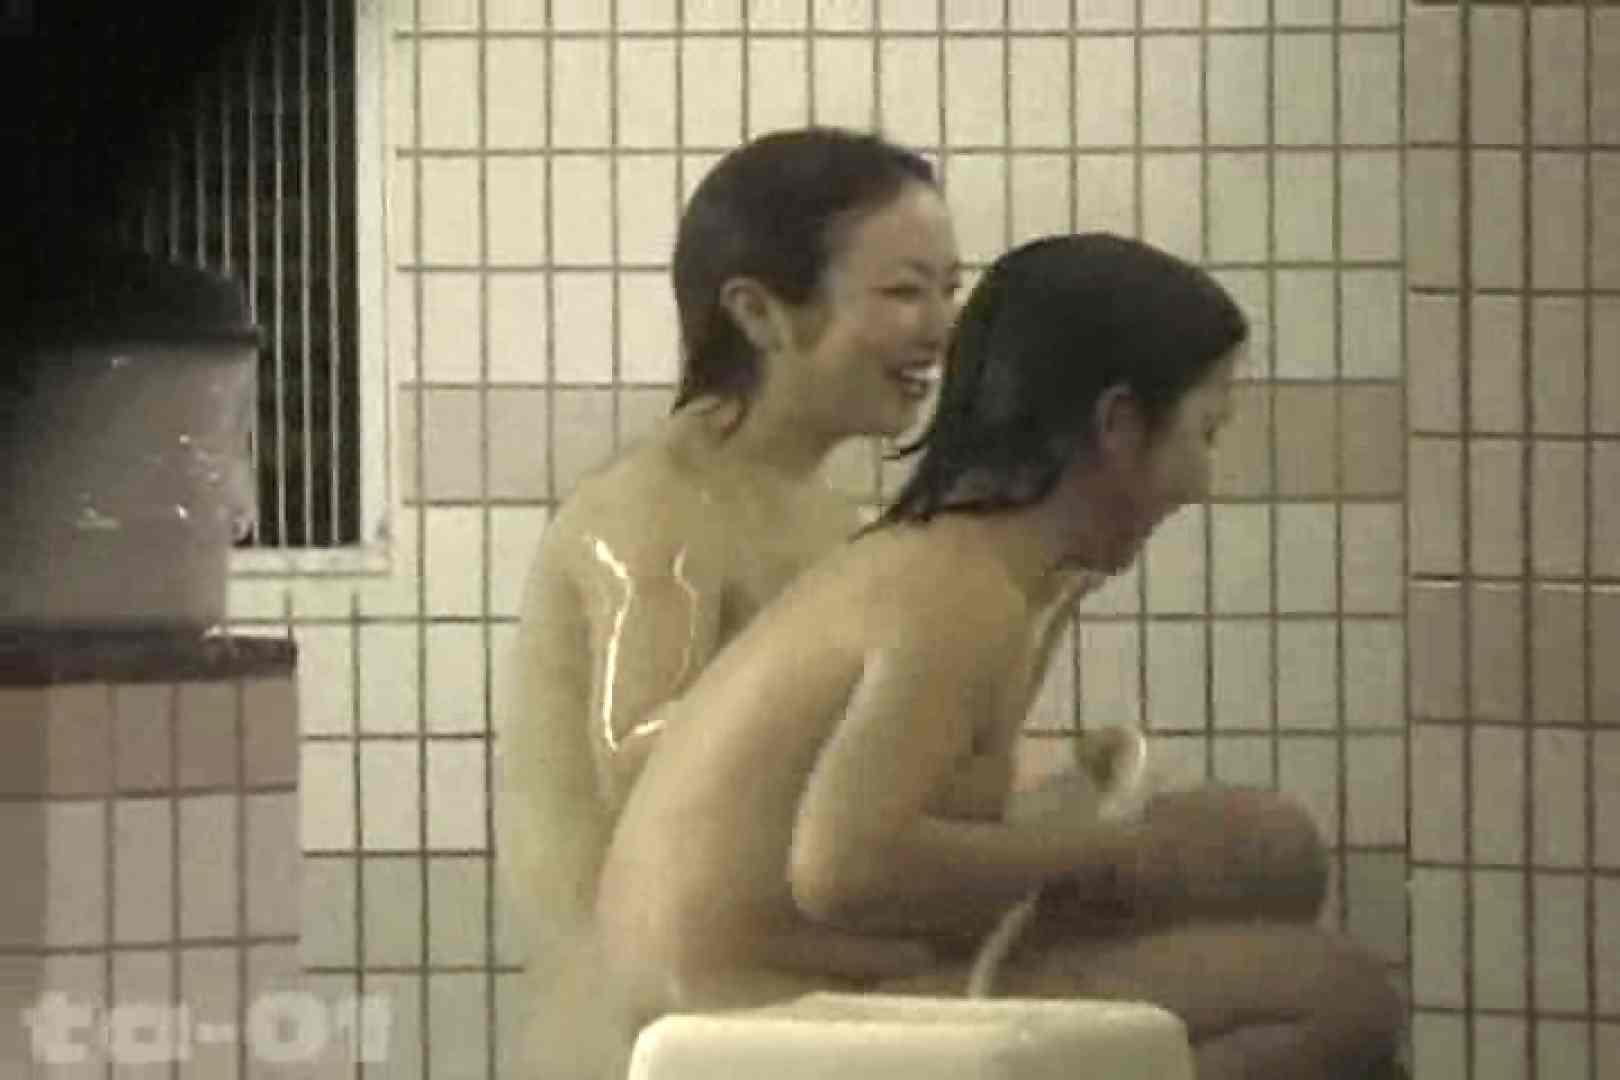 合宿ホテル女風呂盗撮高画質版 Vol.01 高画質 盗み撮り動画キャプチャ 98pic 98